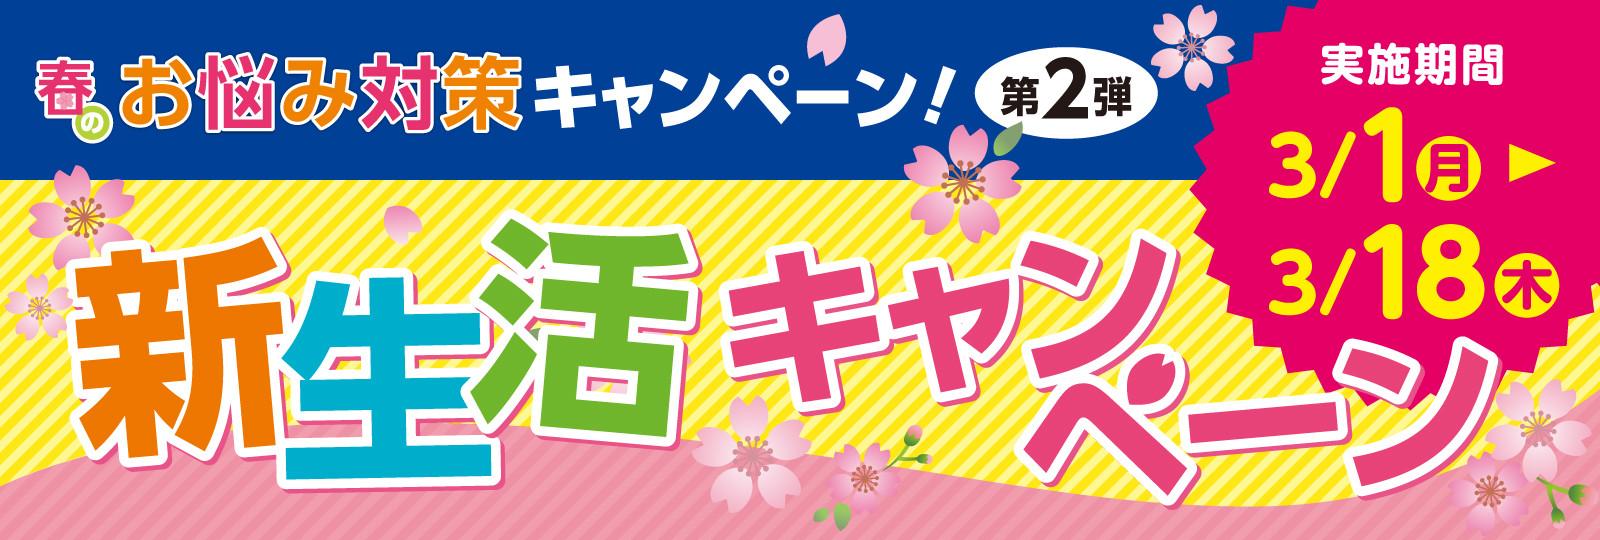 【春のお悩み対策】新生活キャンペーン